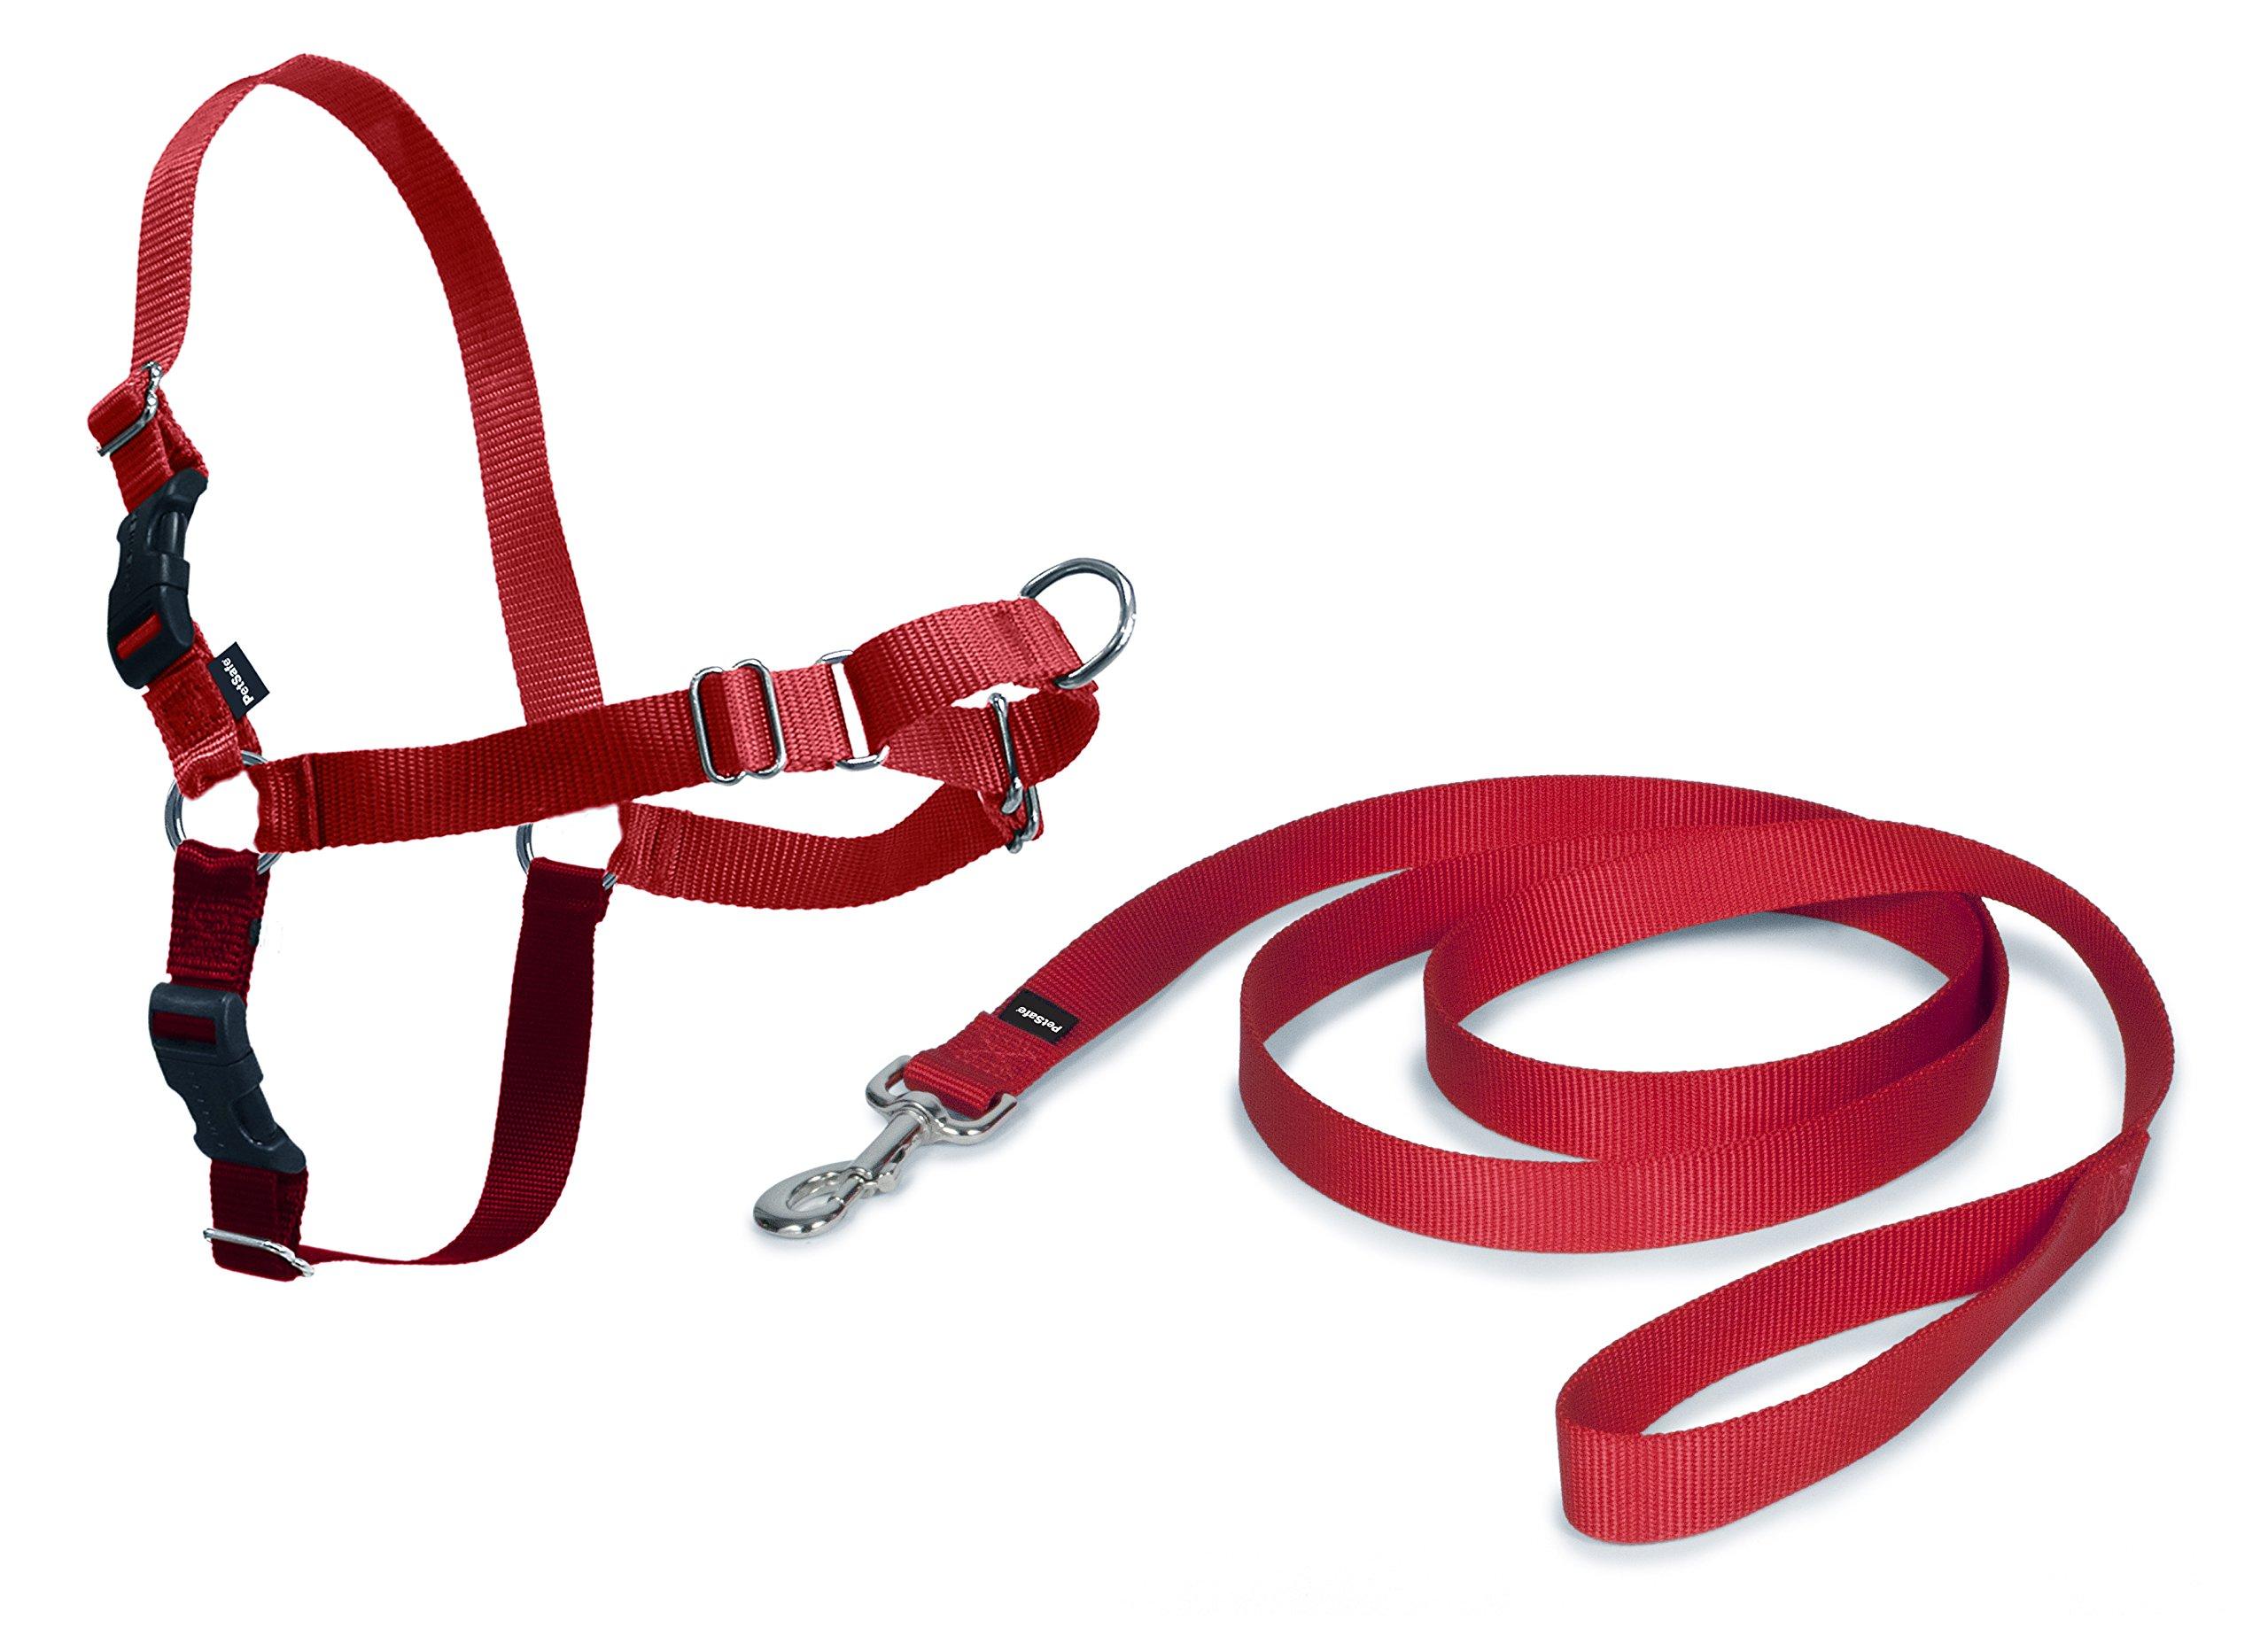 PetSafe Harnais pour Chien Moyen Easy Walk (M) - Harnais Ajustable et Anti-Traction - 4 points de Réglage pour un Confort Maximal - Rouge product image